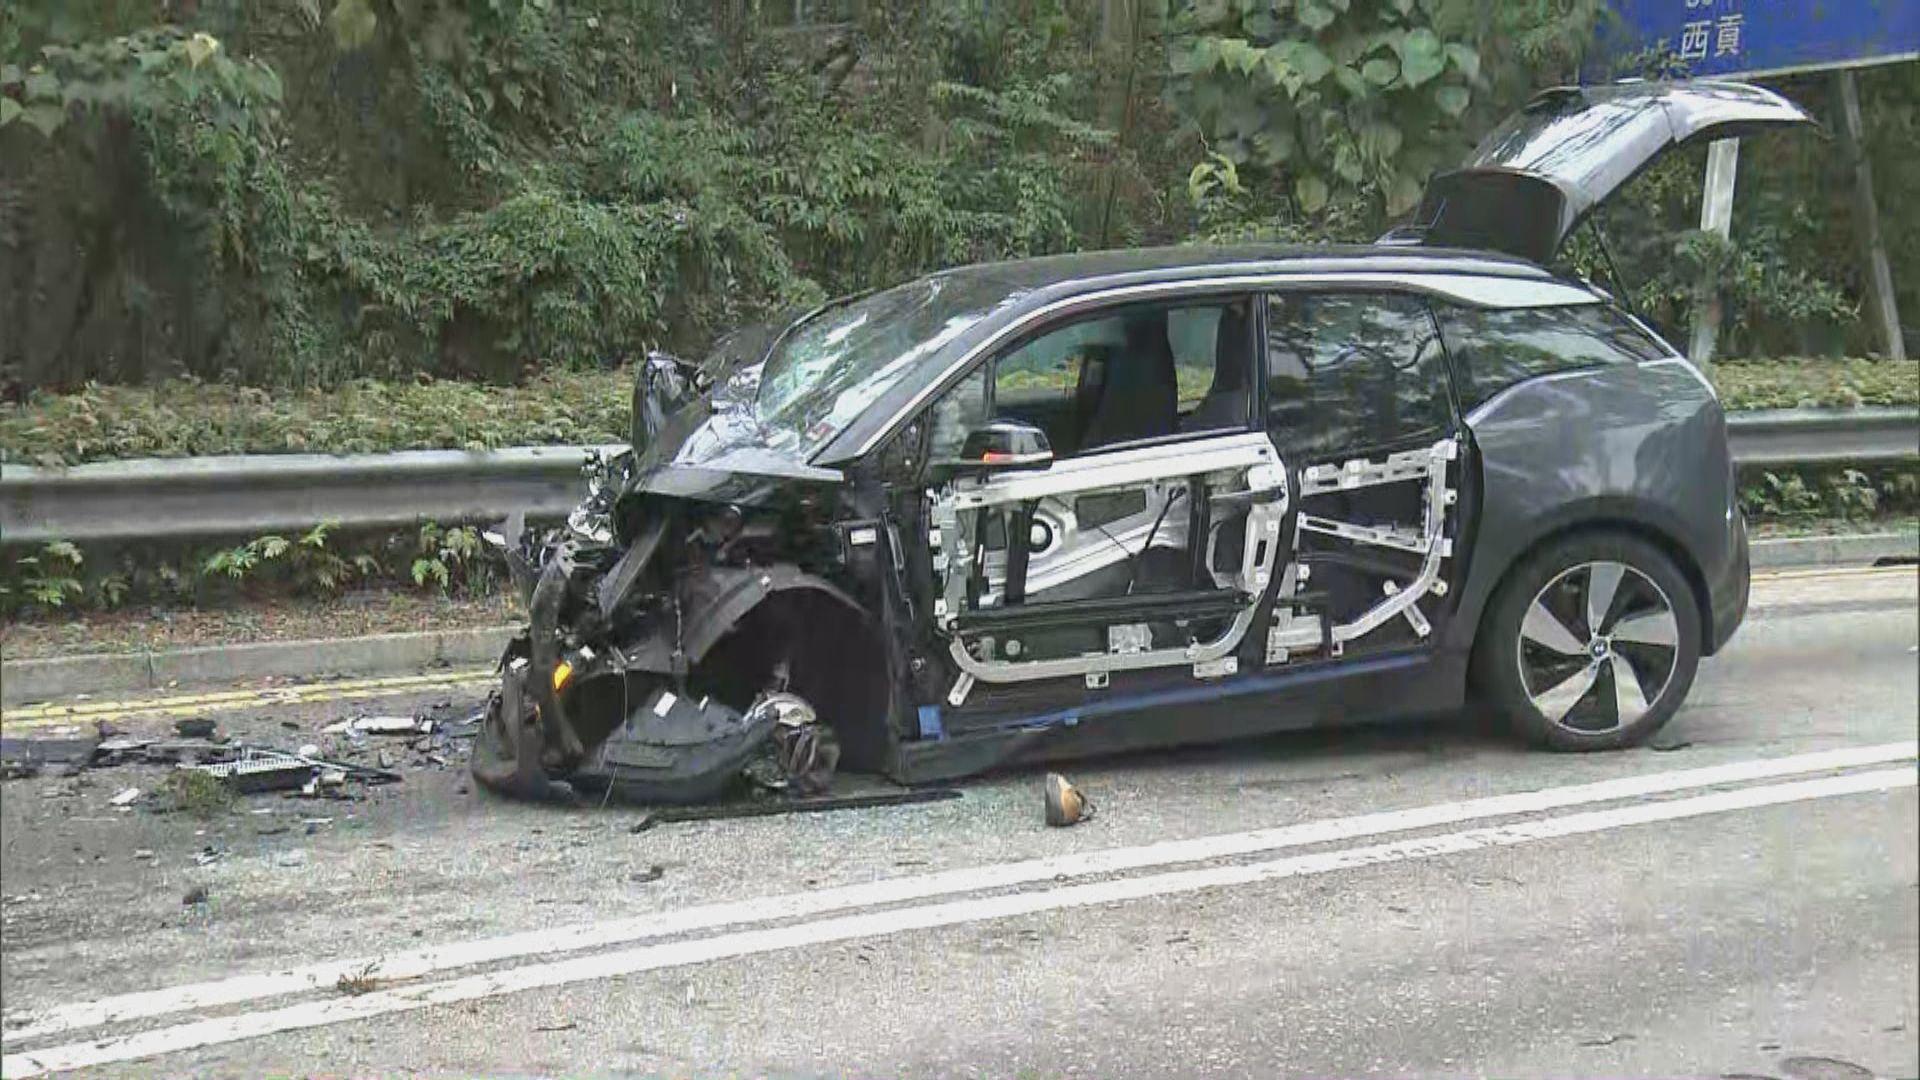 將軍澳五車相撞 至少八傷一人被困昏迷送院